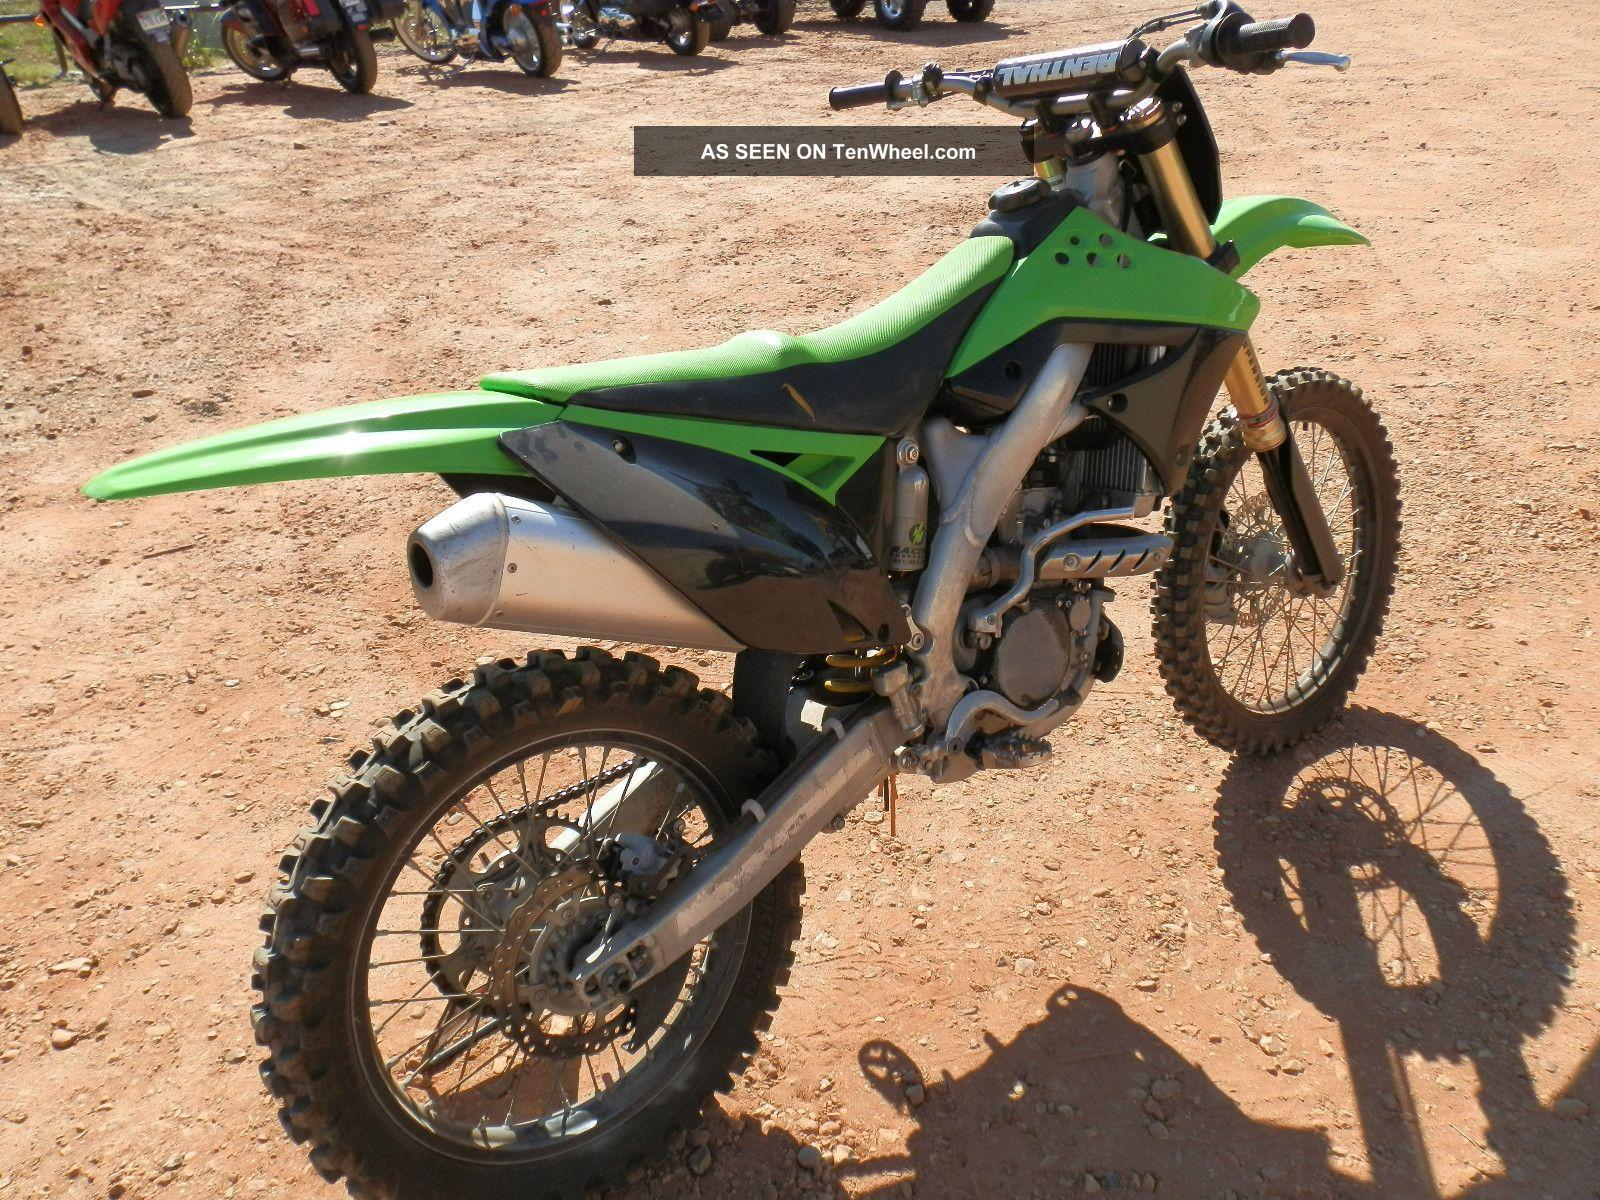 2010 Kawasaki Kx250f KXF photo